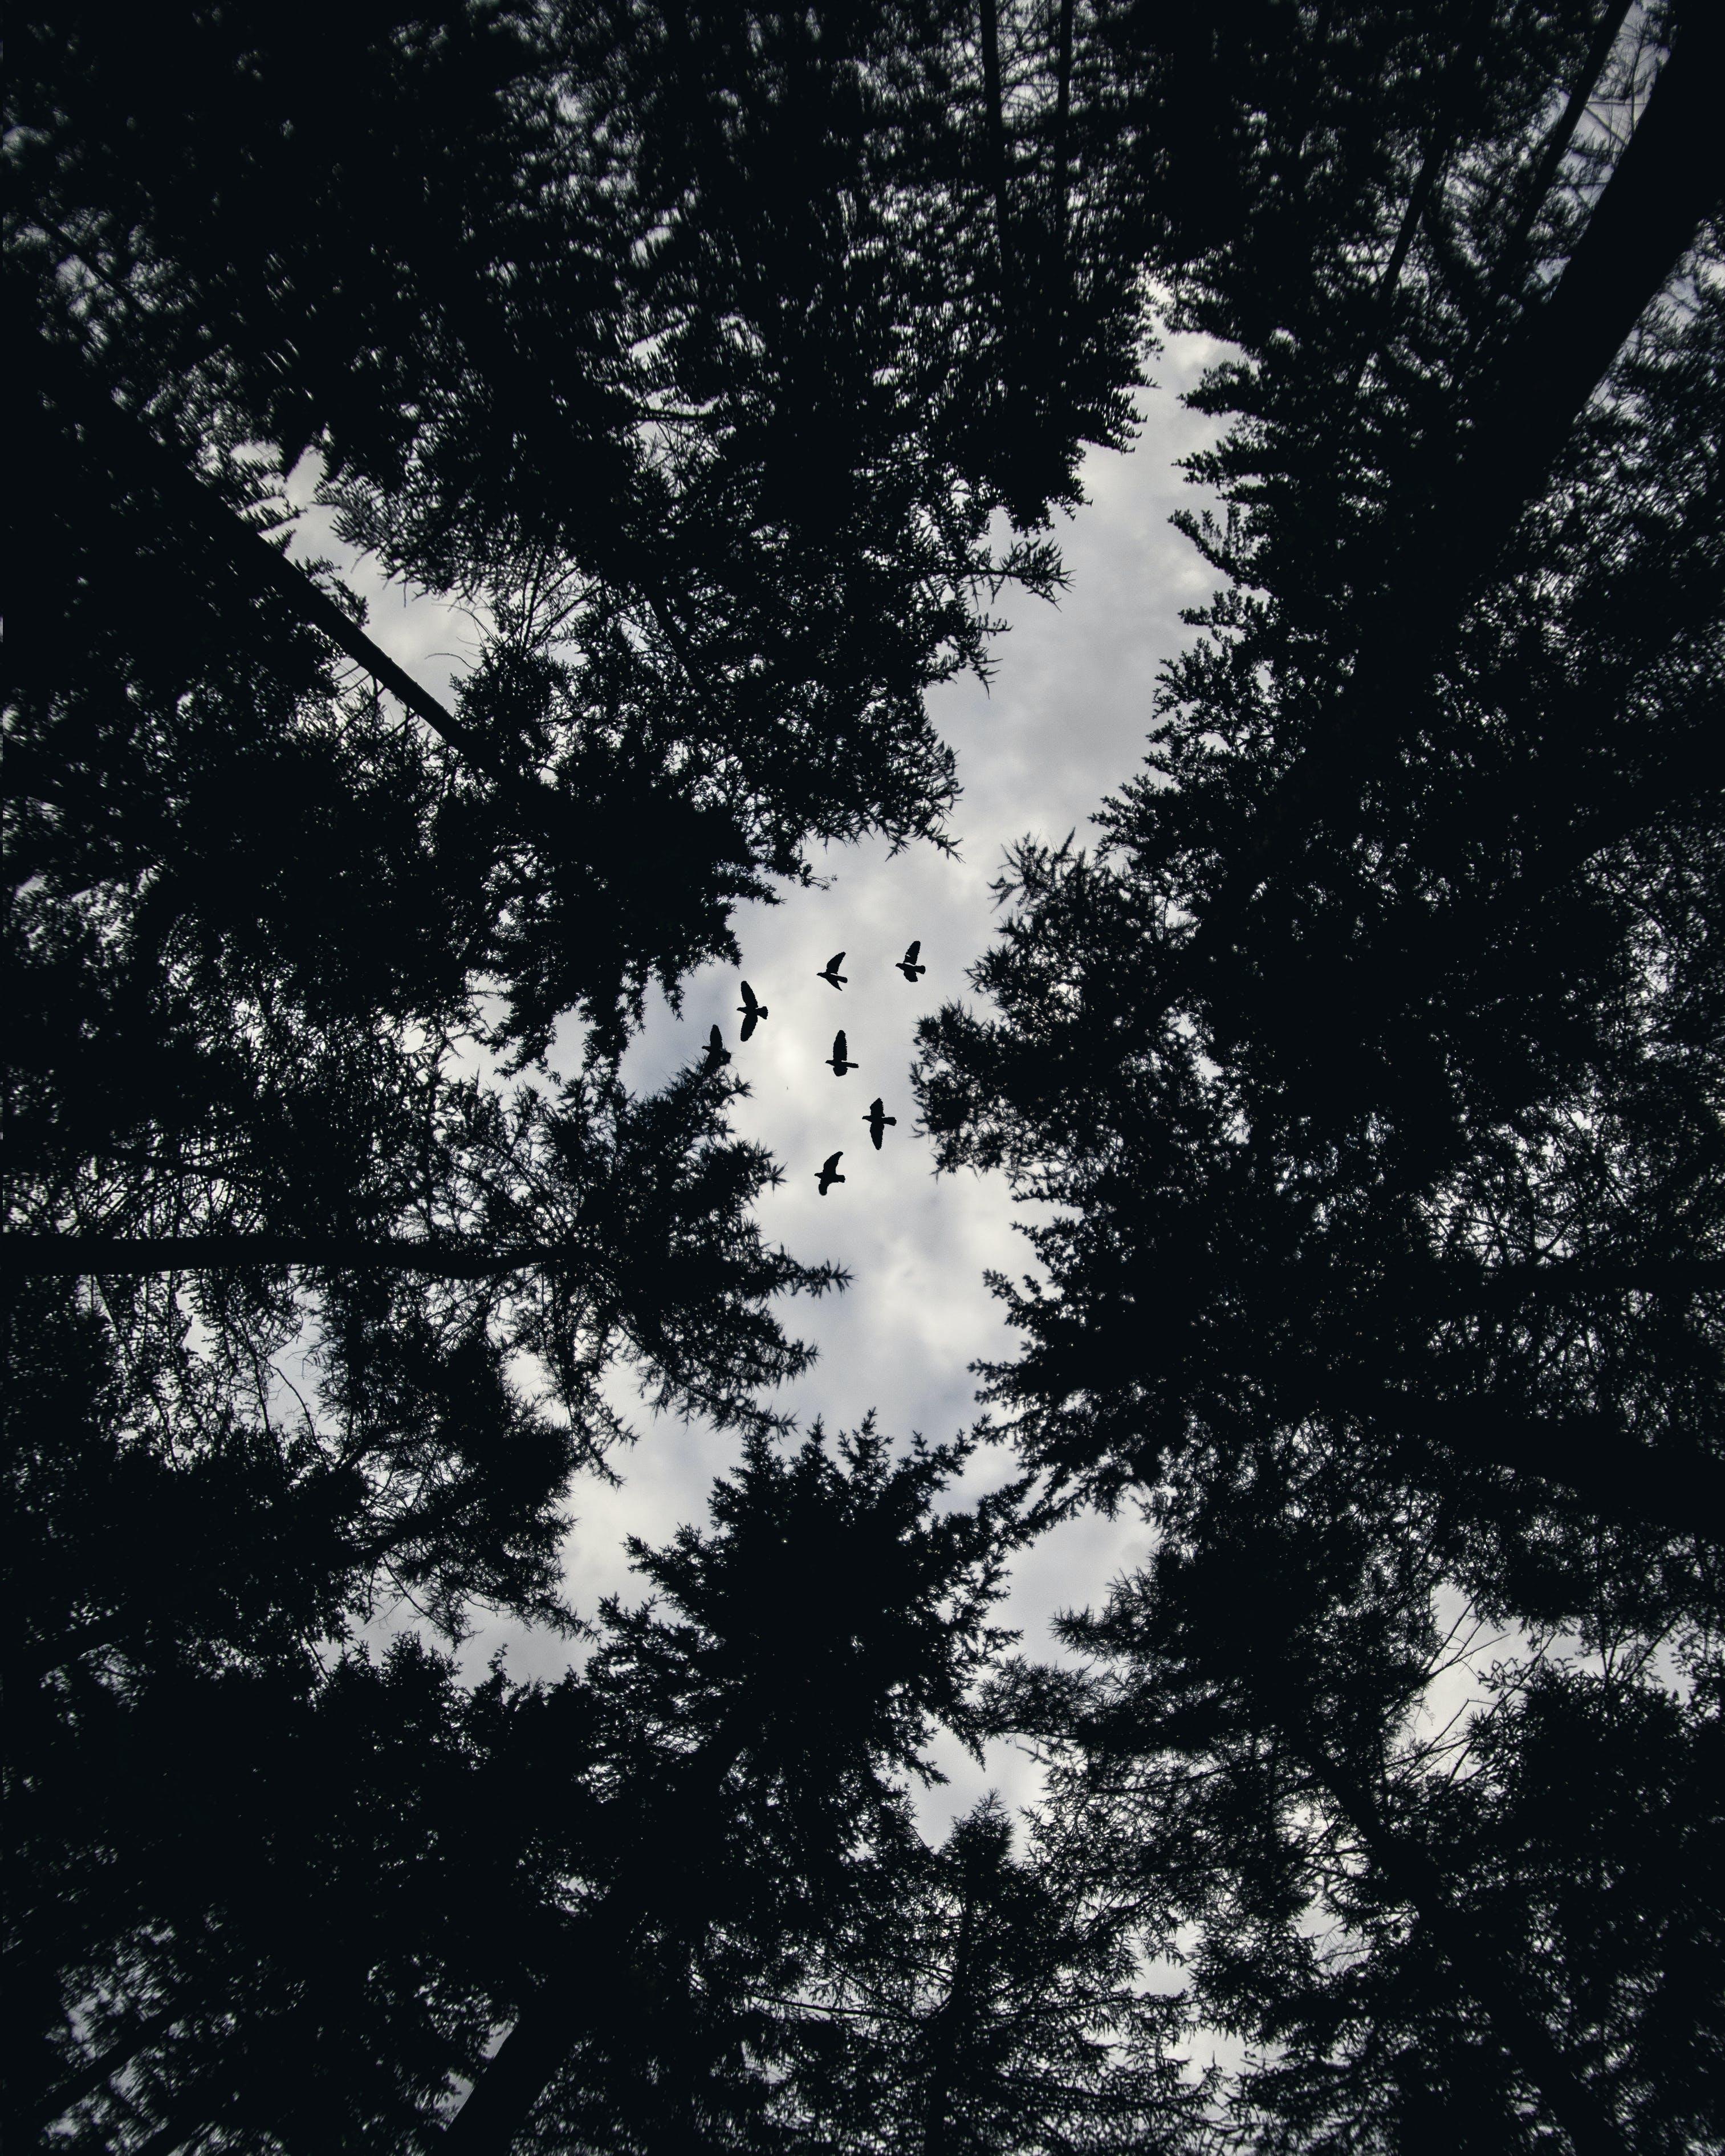 Kostenloses Stock Foto zu äste, bäume, draußen, dunkel